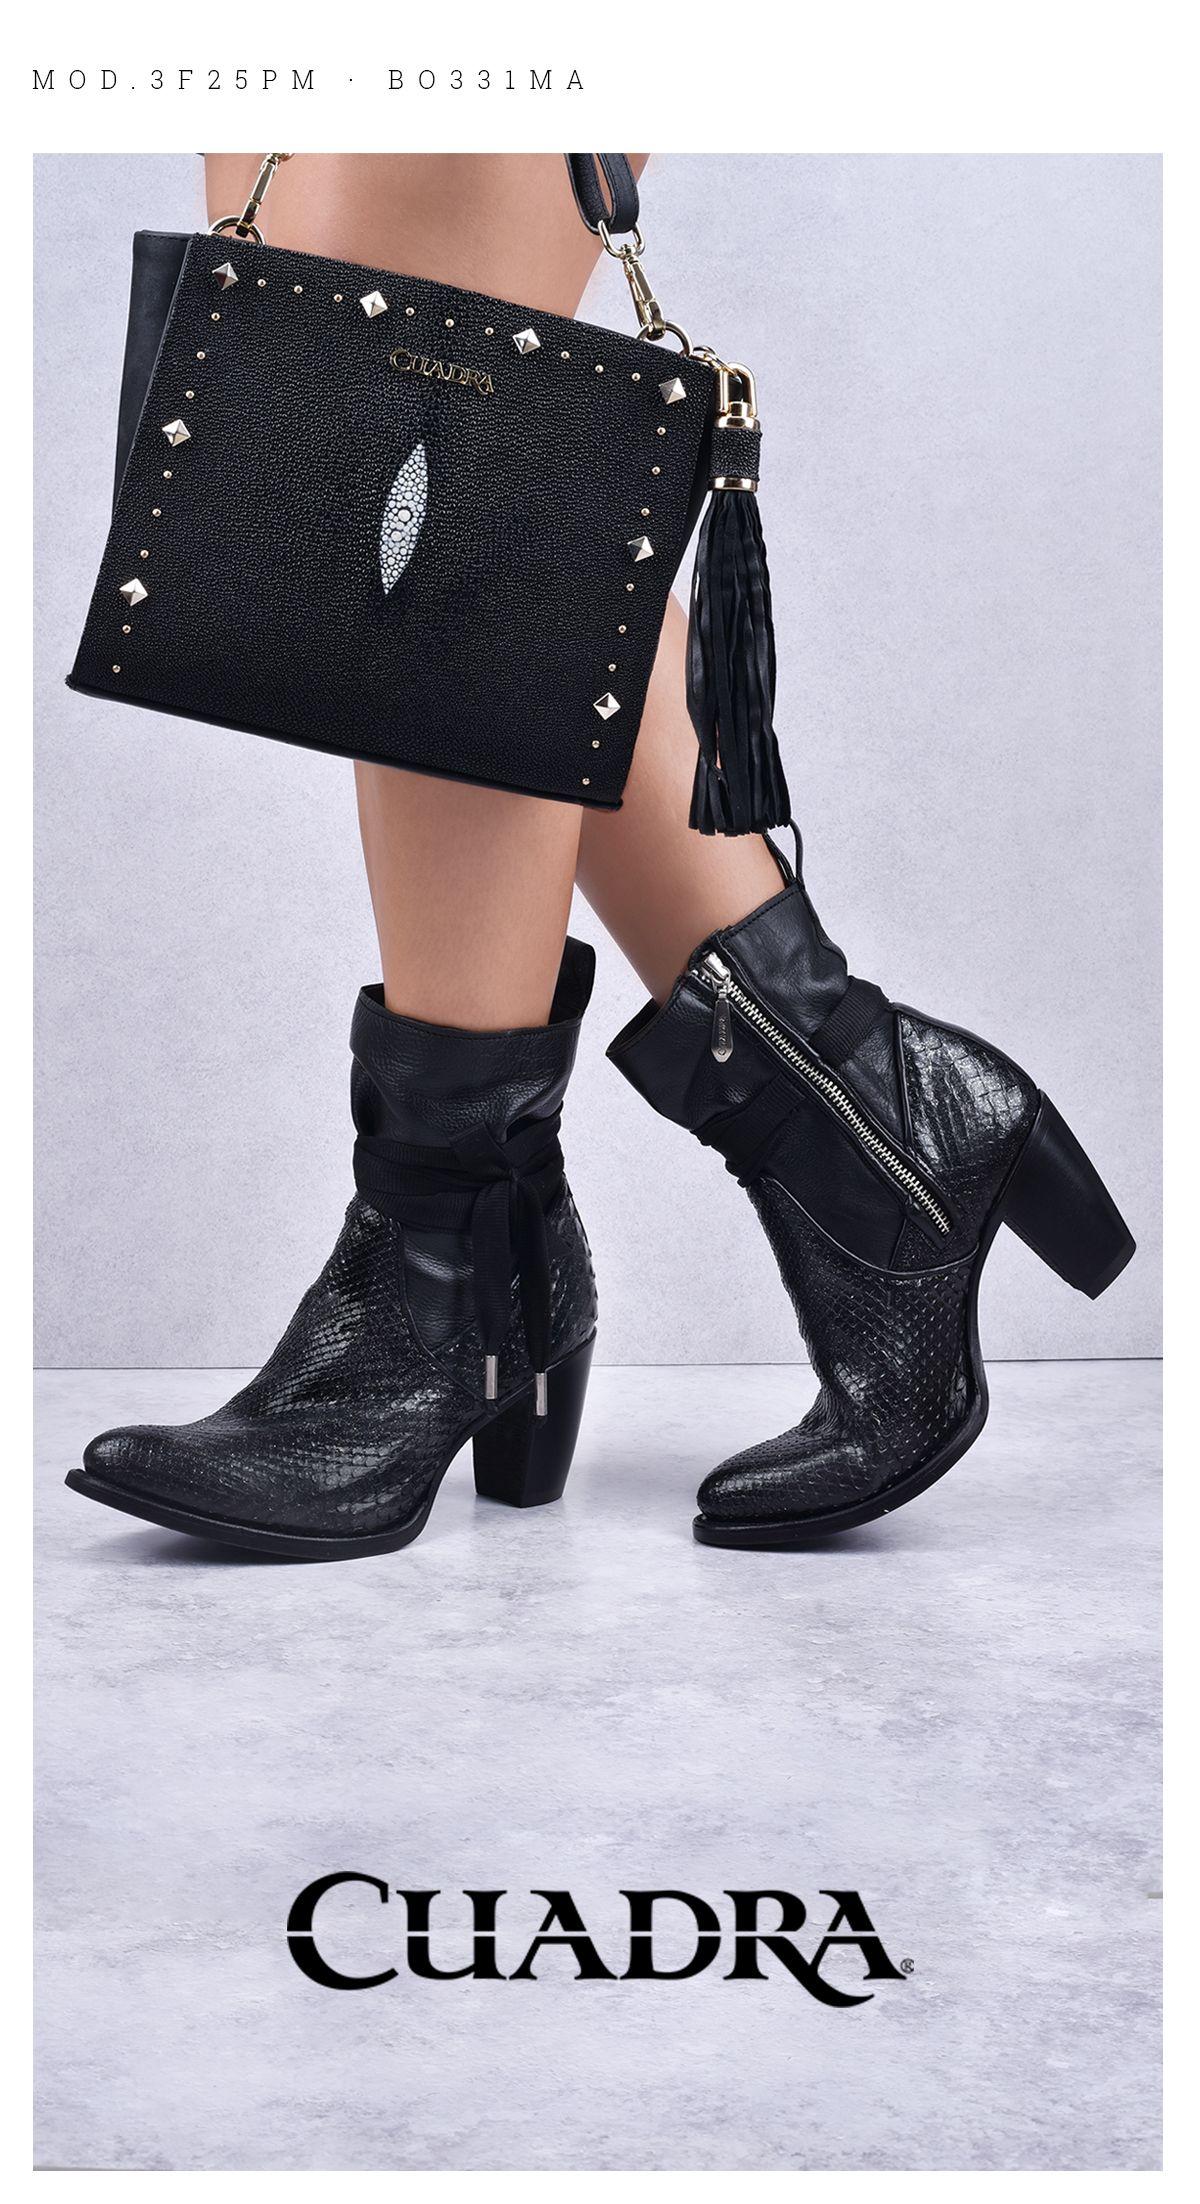 venta barata del reino unido nuevo lanzamiento compra especial Moda Otoño Invierno 2018 Cuadra. #moda #botinesmujer ...